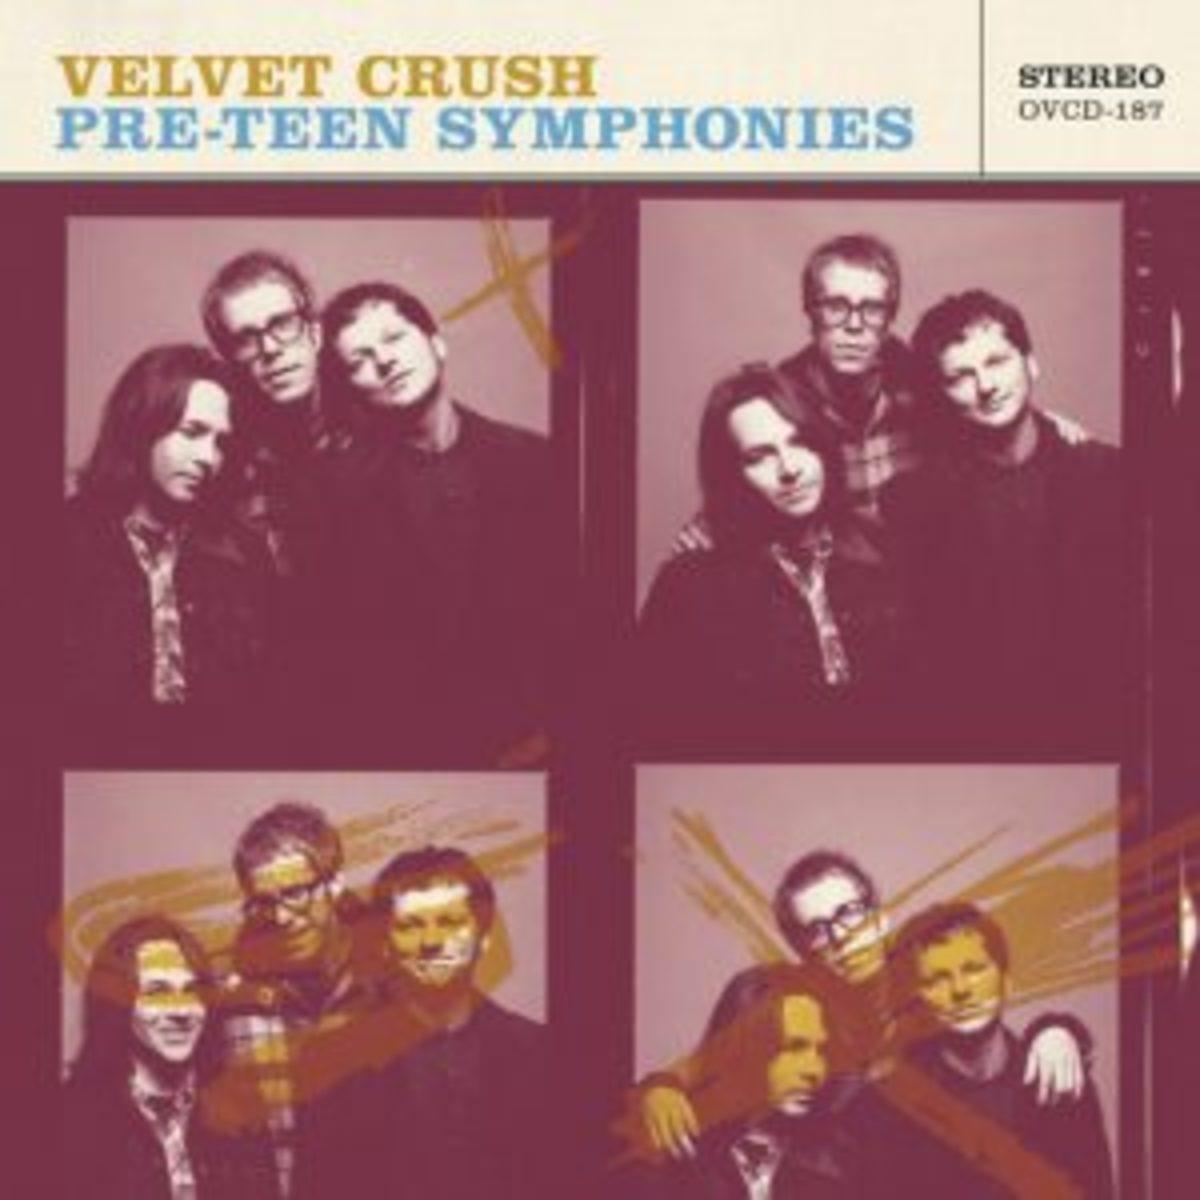 VelvetCrush